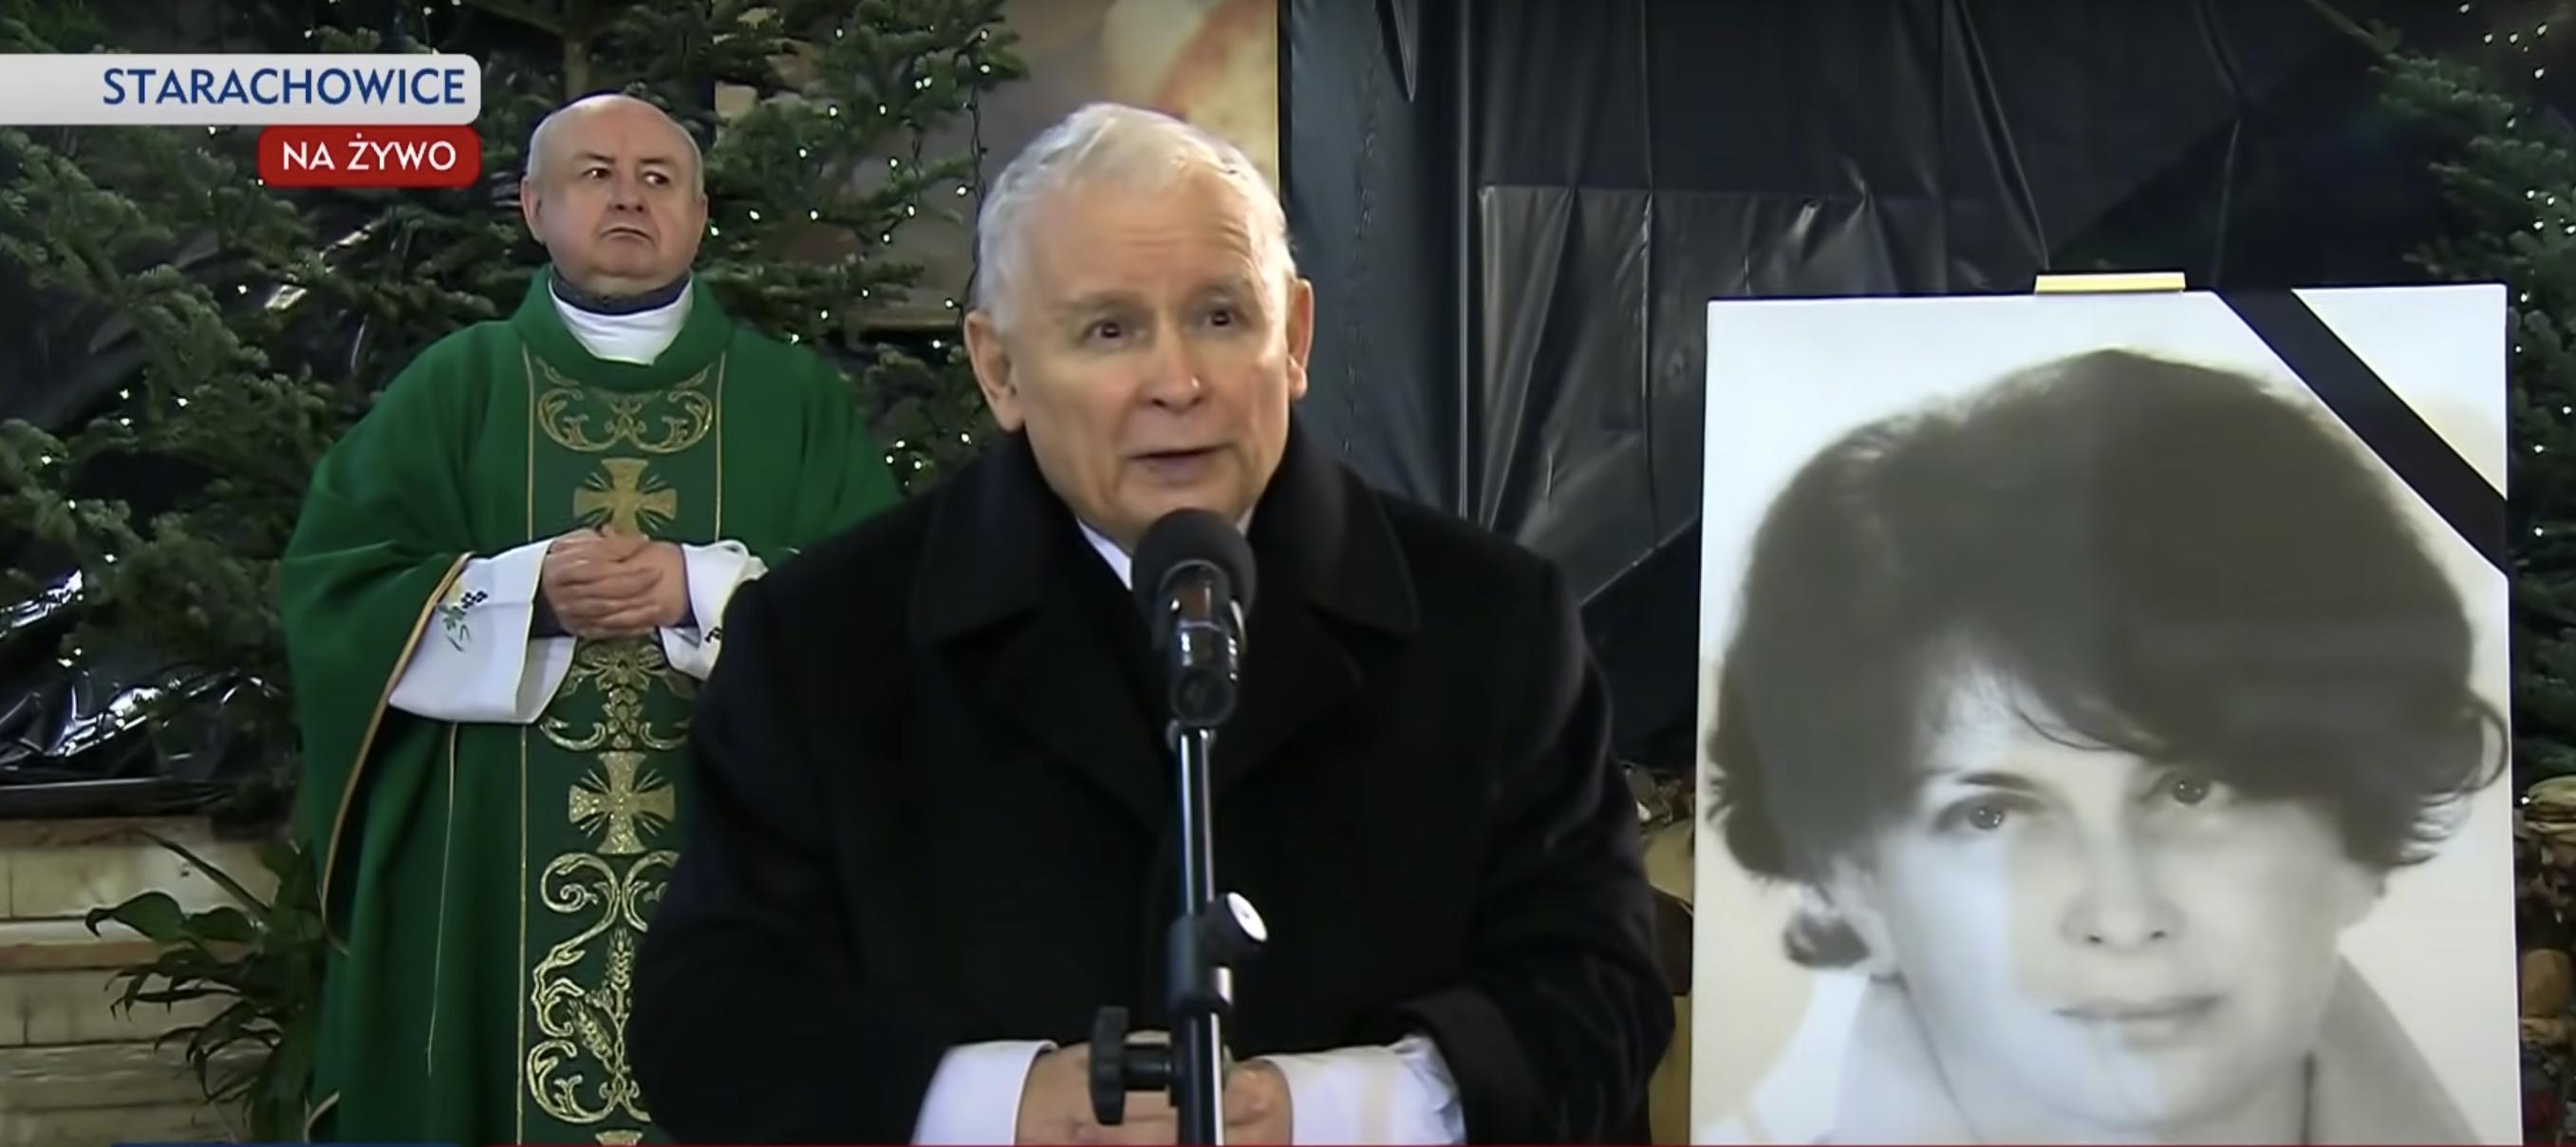 Sanepid umorzy postępowanie ws. mszy z udziałem Kaczyńskiego